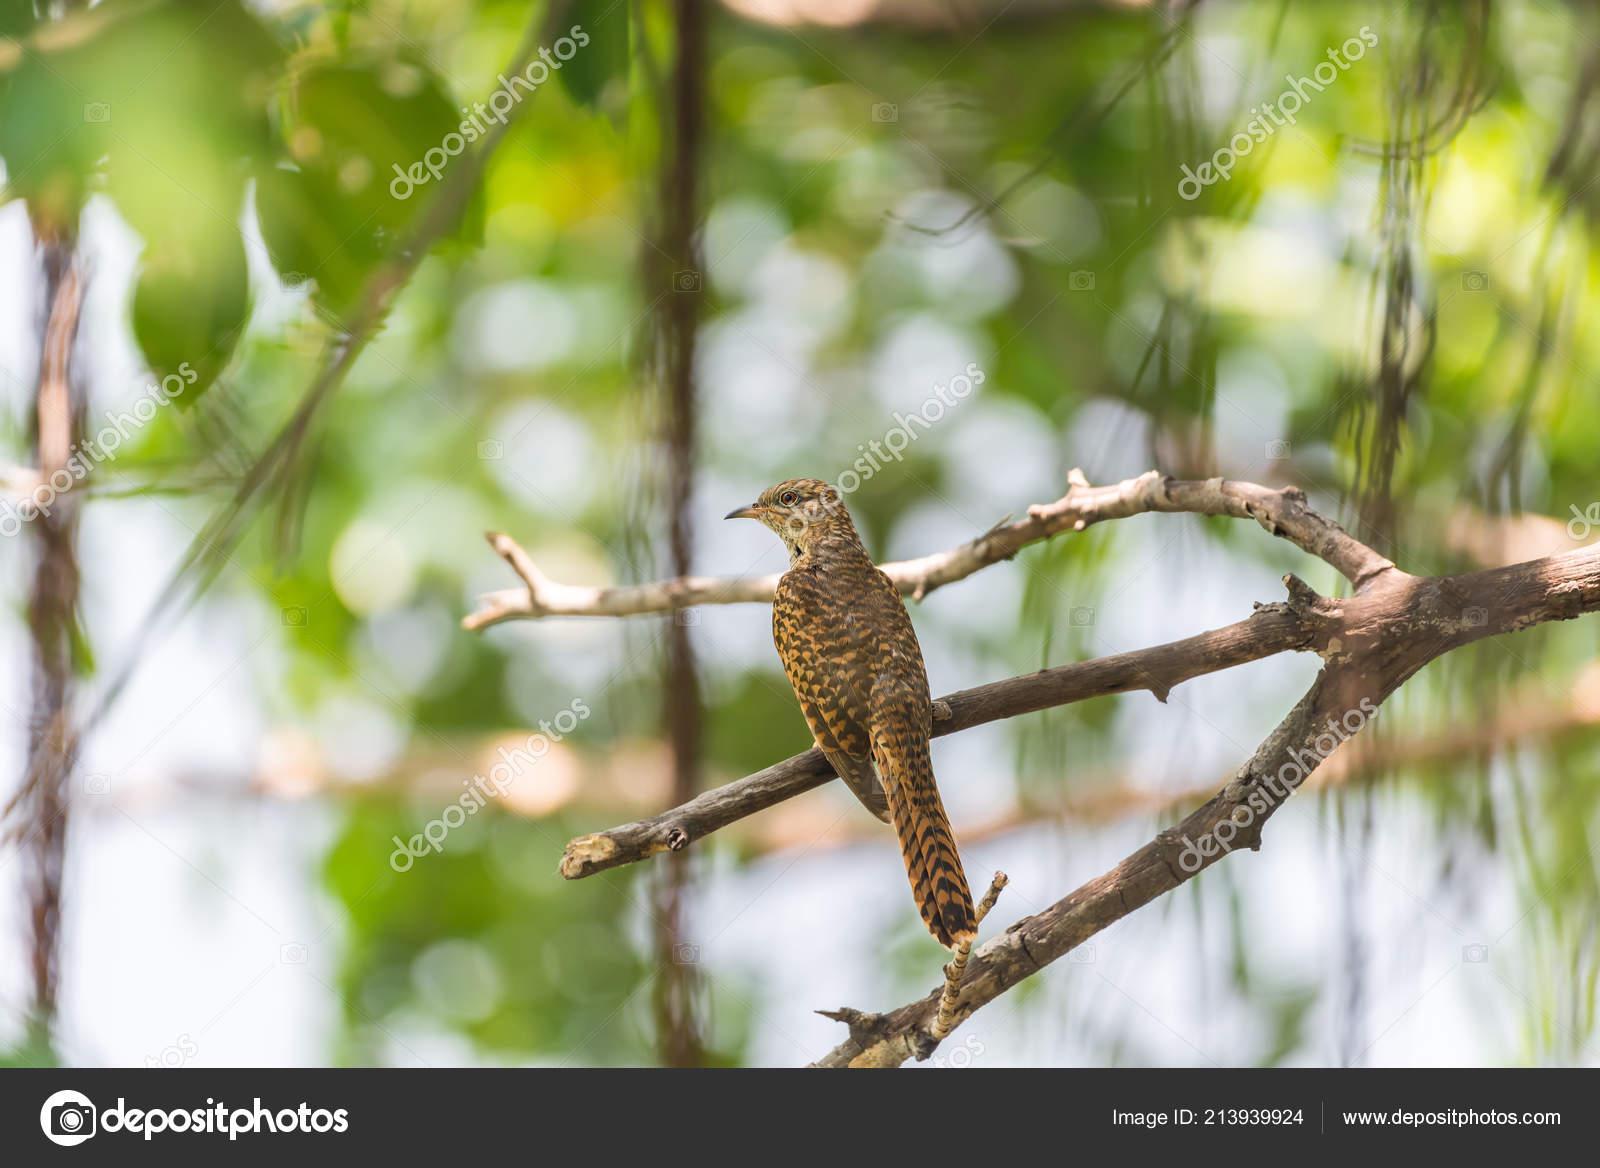 Ασιατικό με ένα μεγάλο πουλί γκαλερί εικόνα μουνί